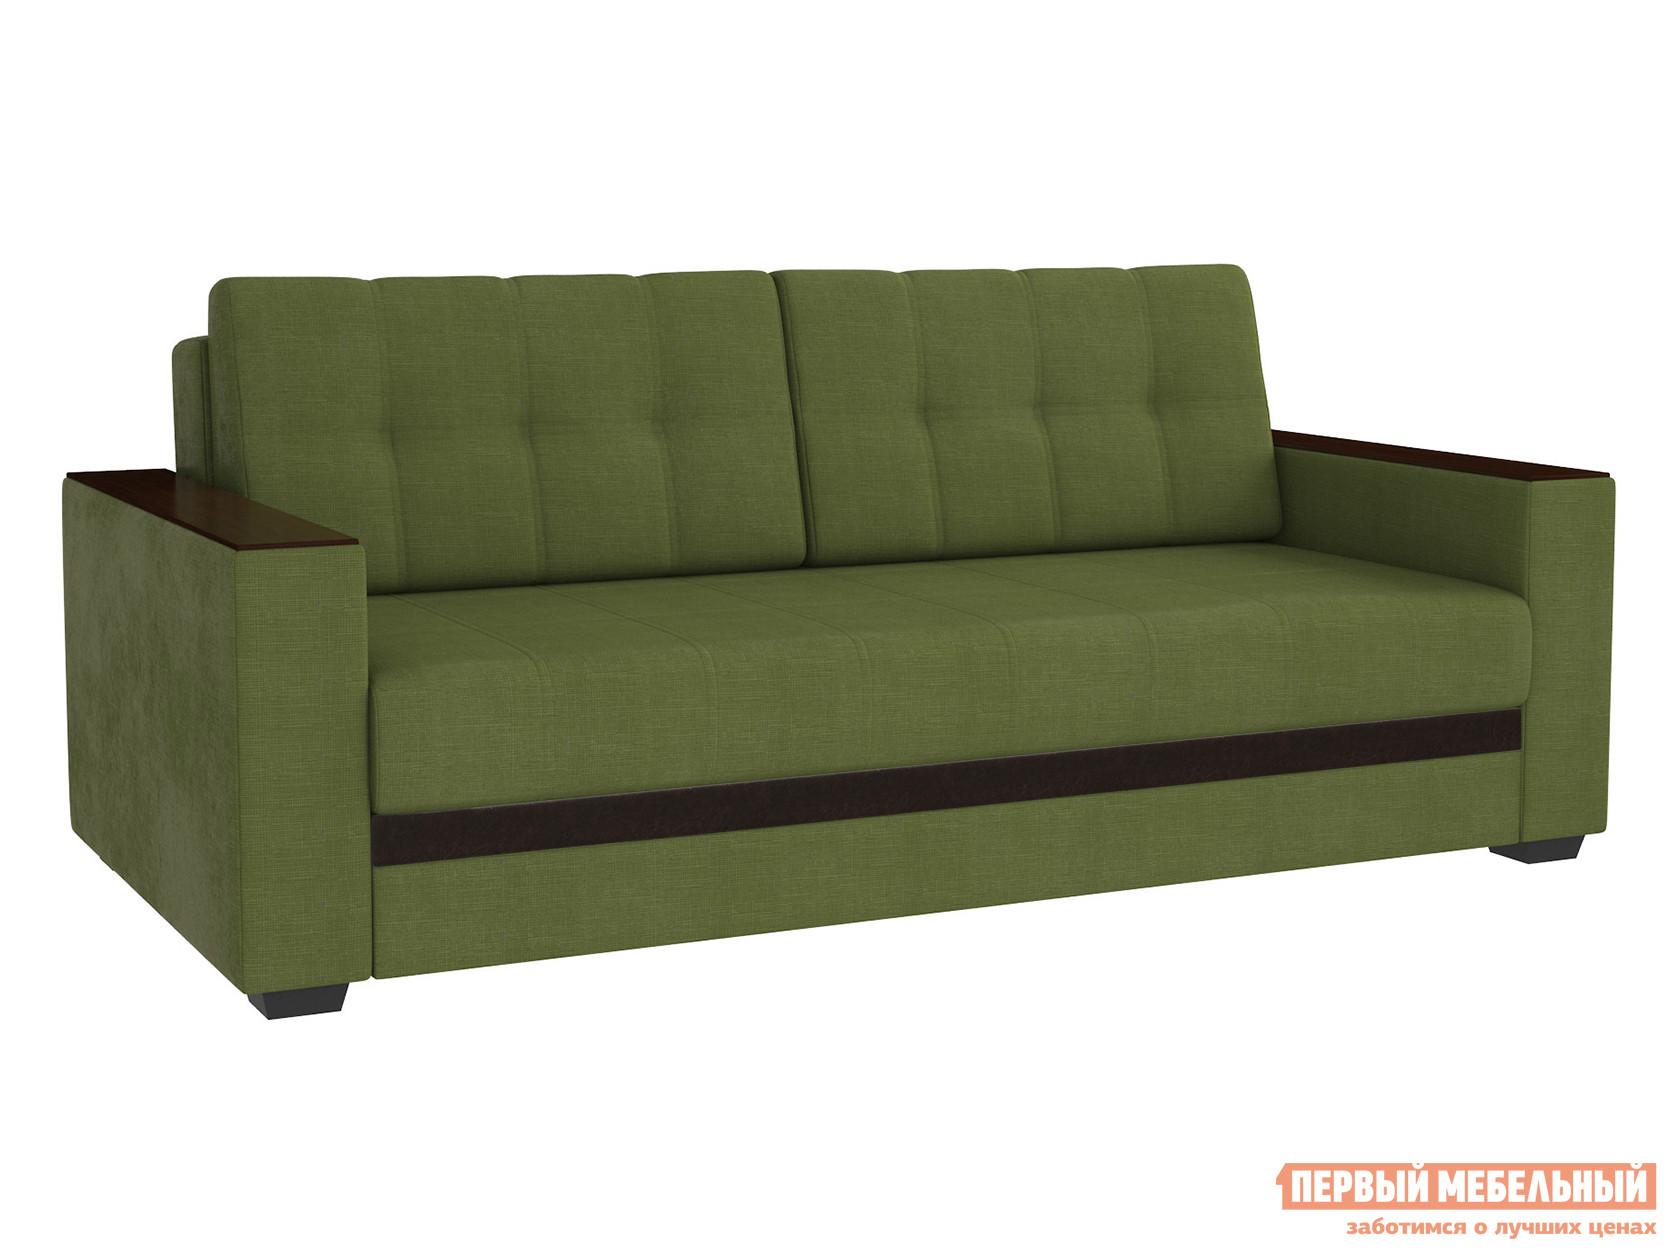 Прямой диван Первый Мебельный Вашингтон диван диван ру вашингтон rubin